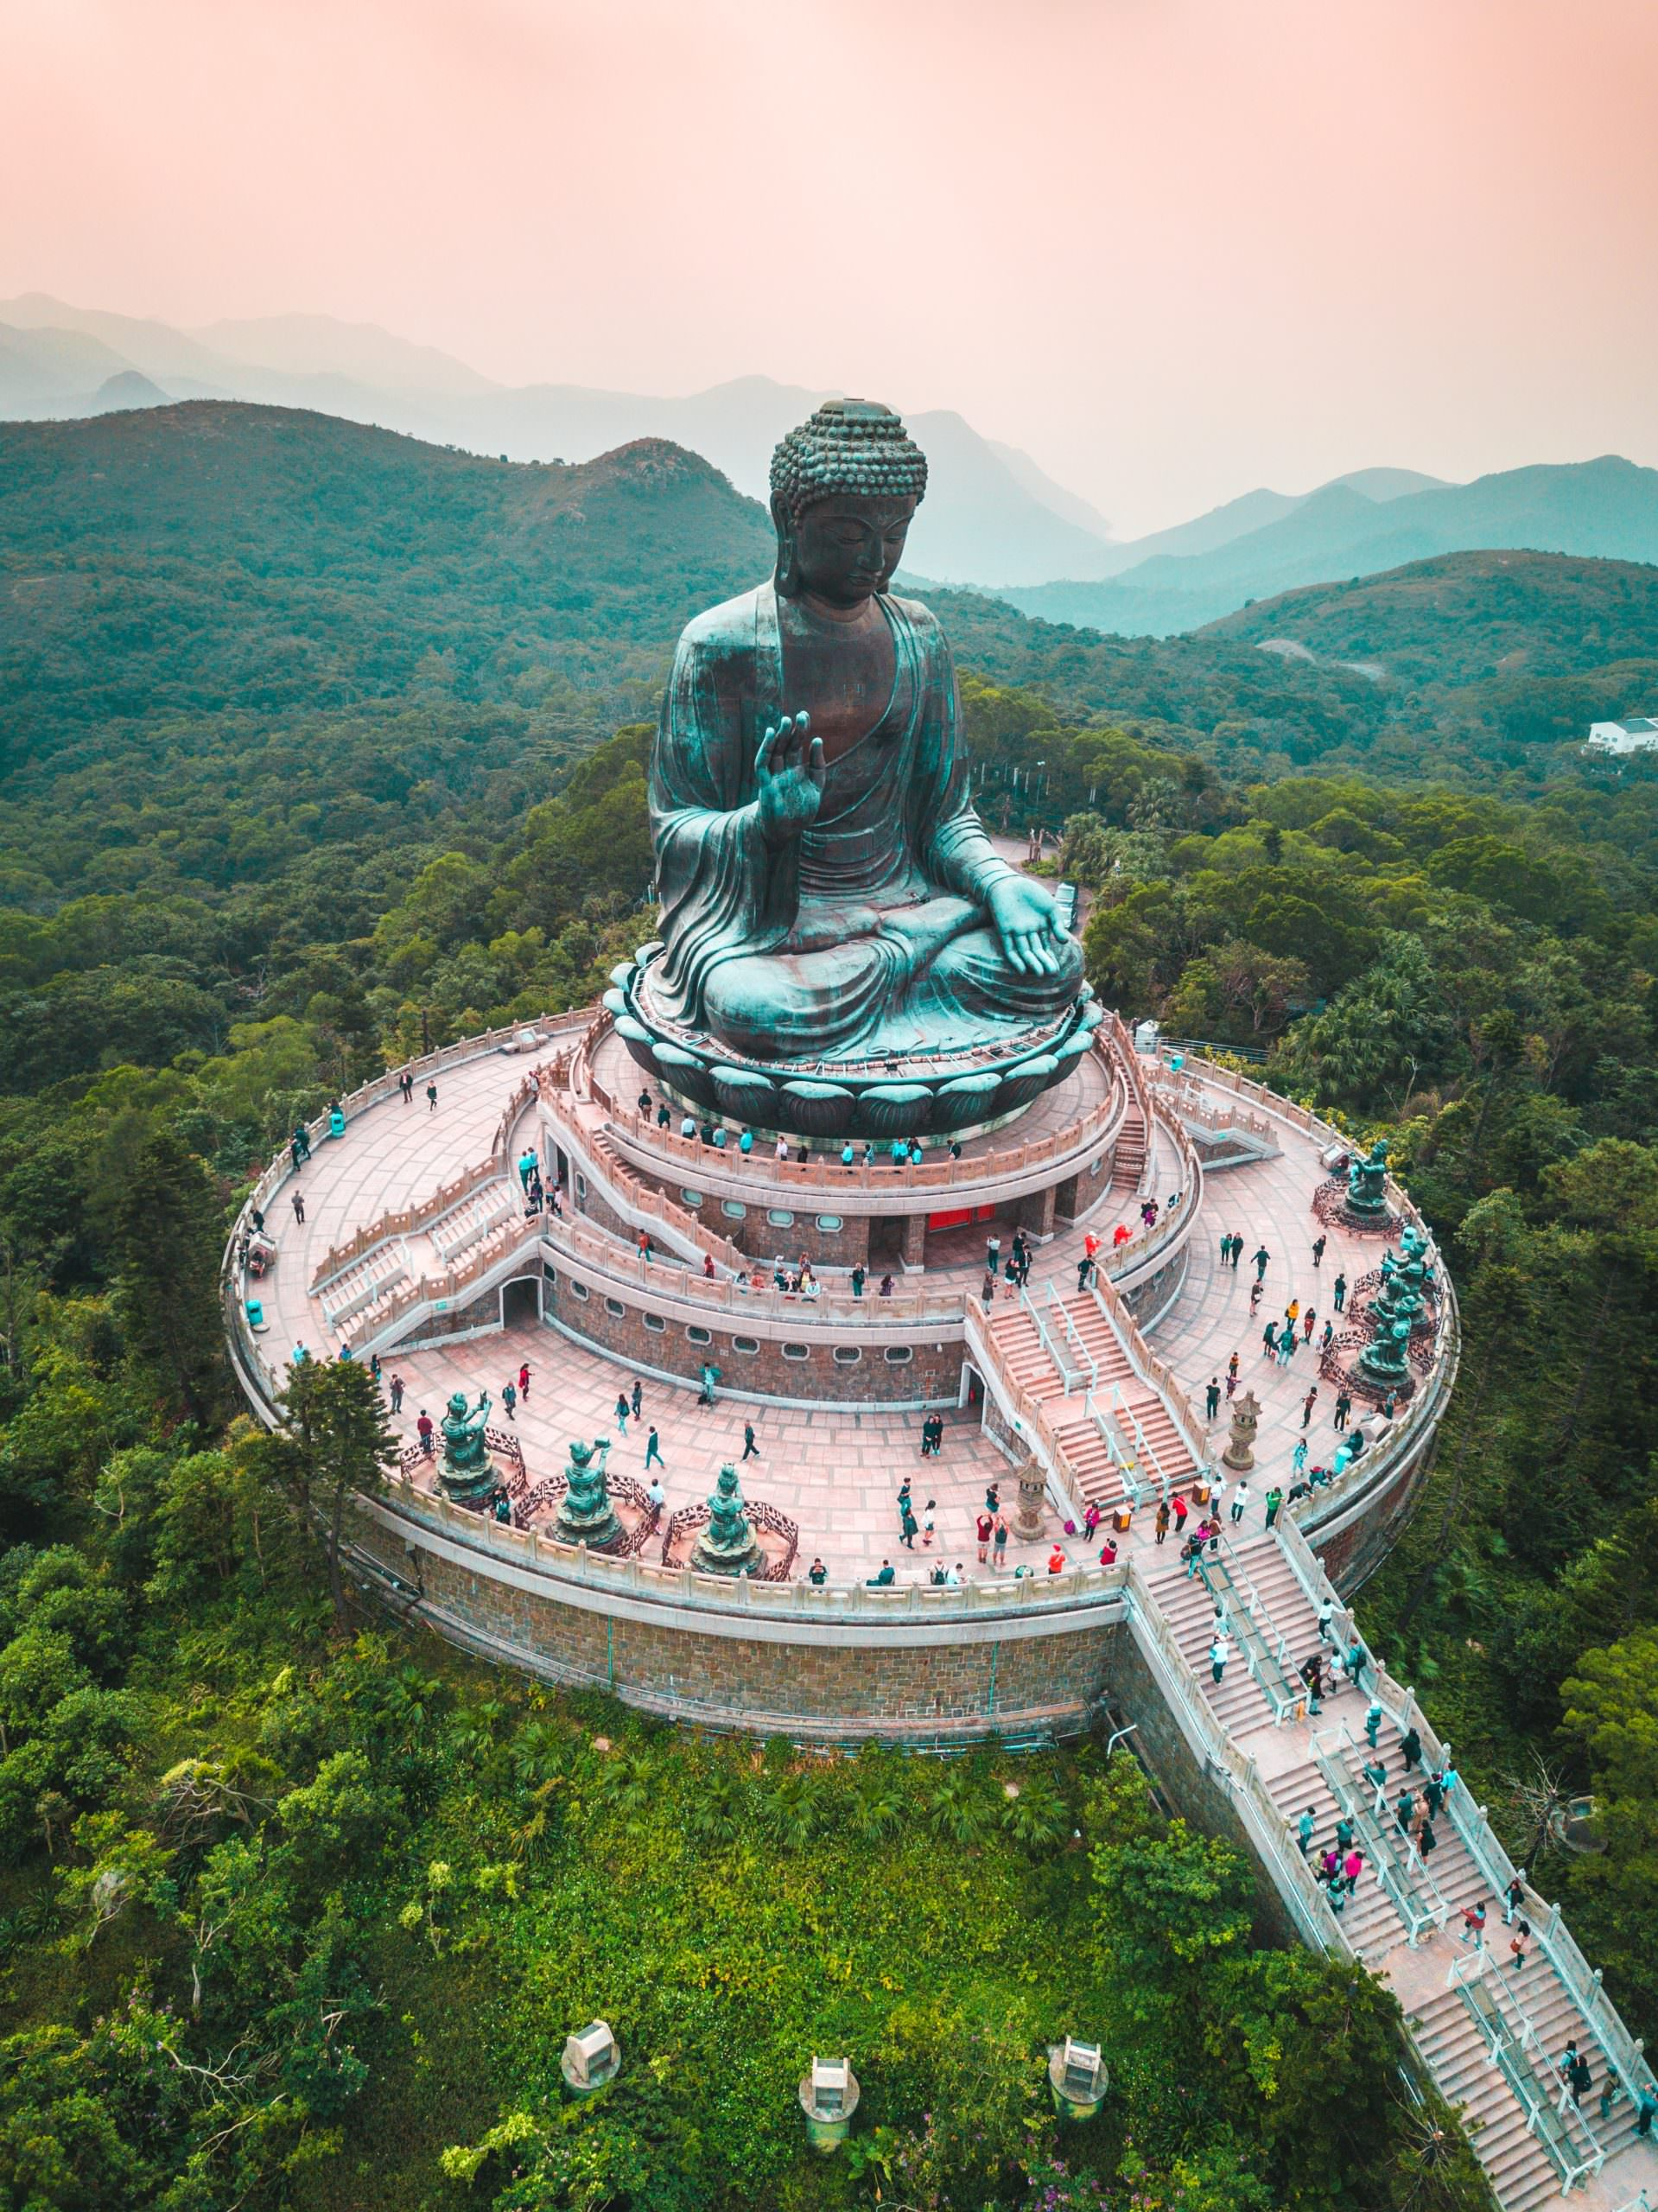 أفضل الدول التي يمكنك زيارتها في آسيا